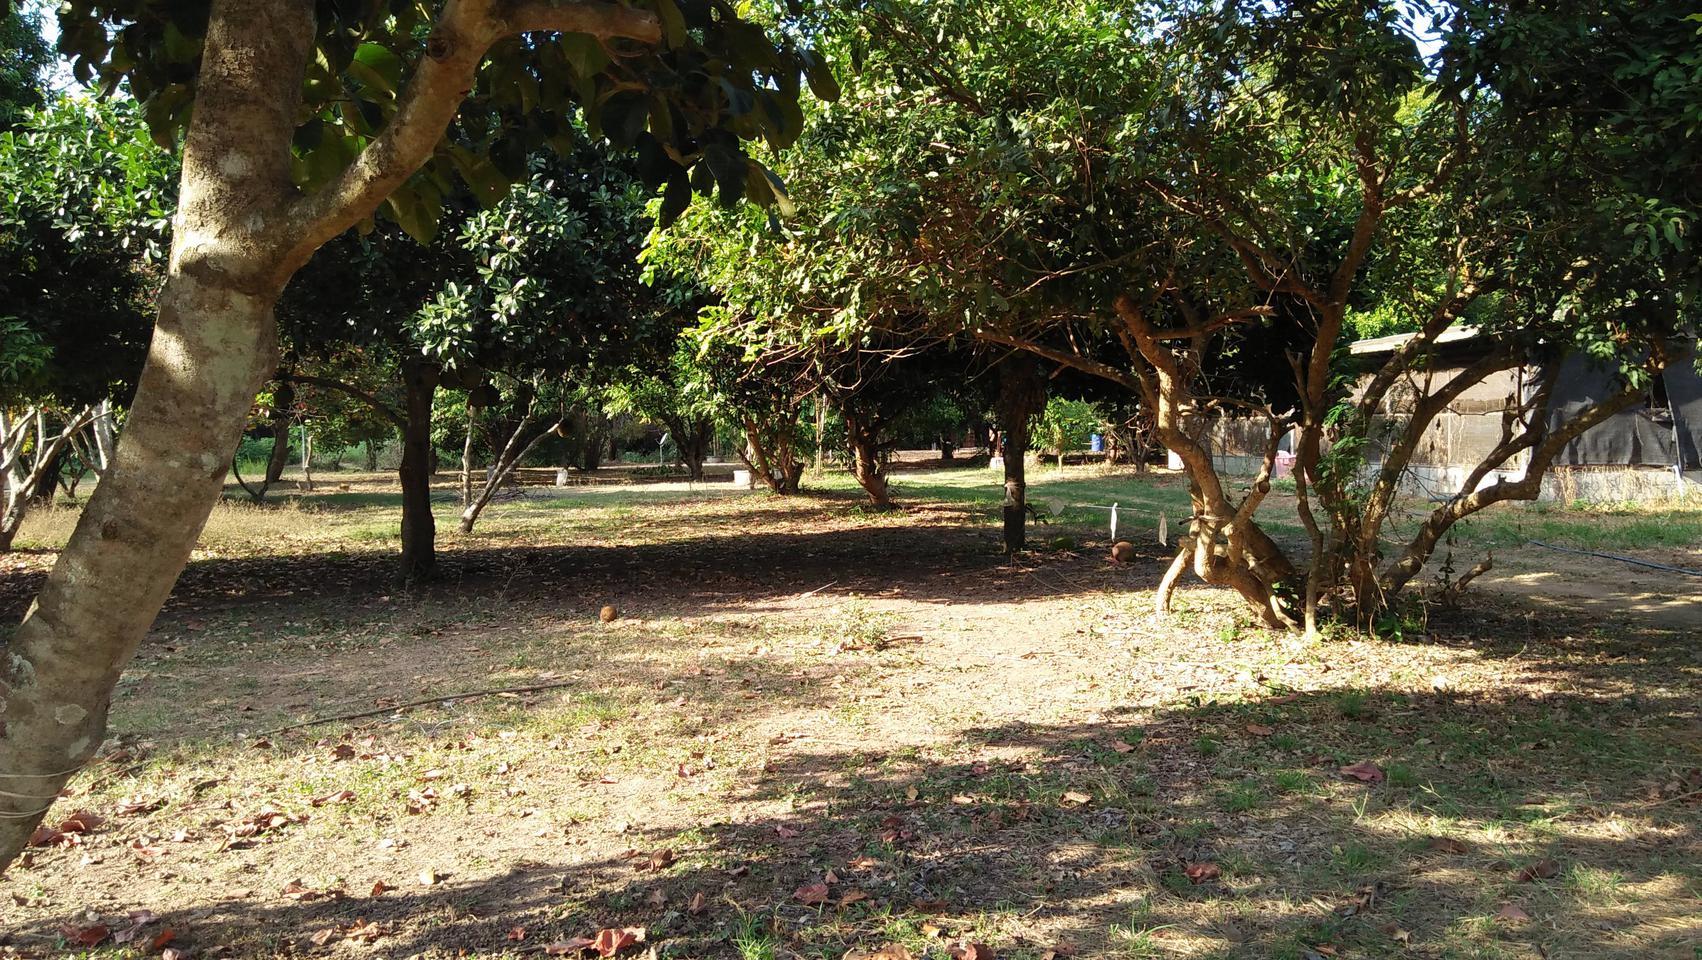 ที่ดินพร้อมสวนขนาดใหญ่ ติดห้วยลำธาร แหล่งธรรมชาติ น่าอยู่มาก รูปที่ 2